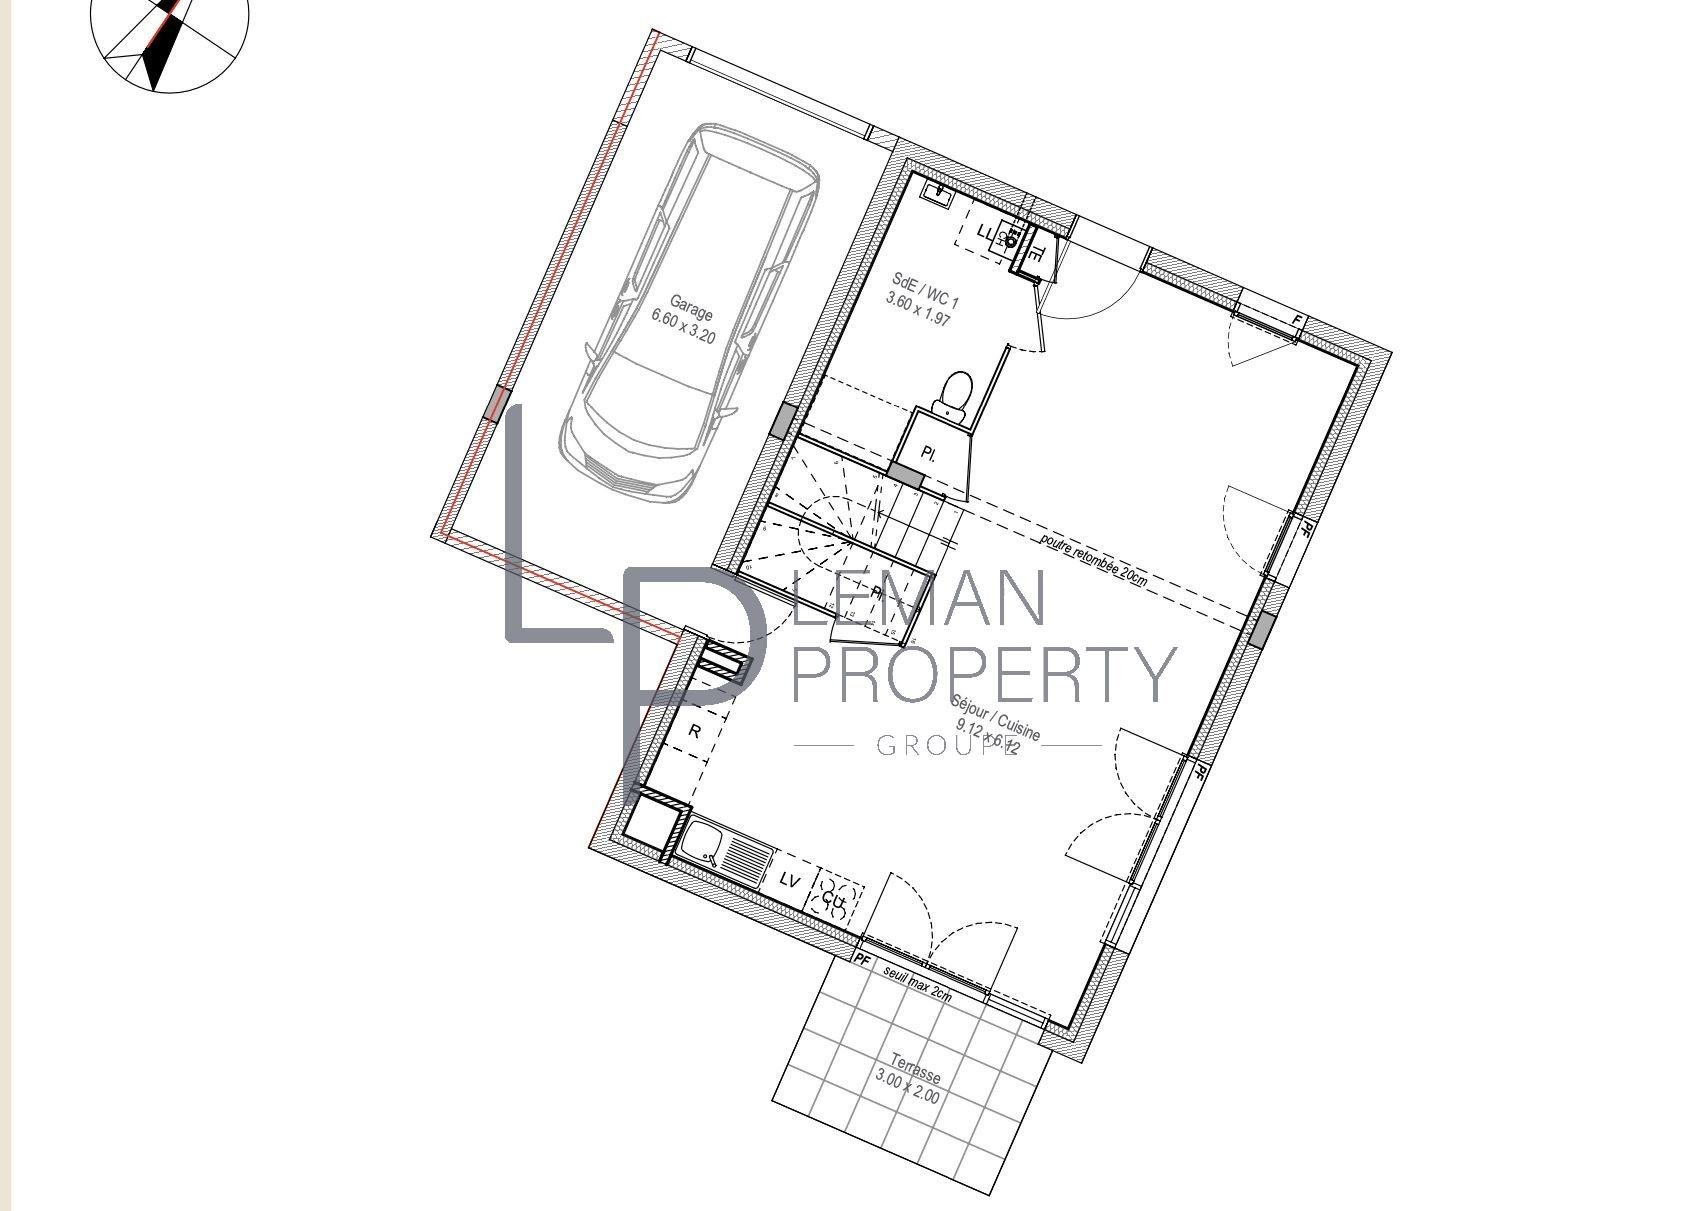 Vente de appartement d'une surface de 101.81 m2